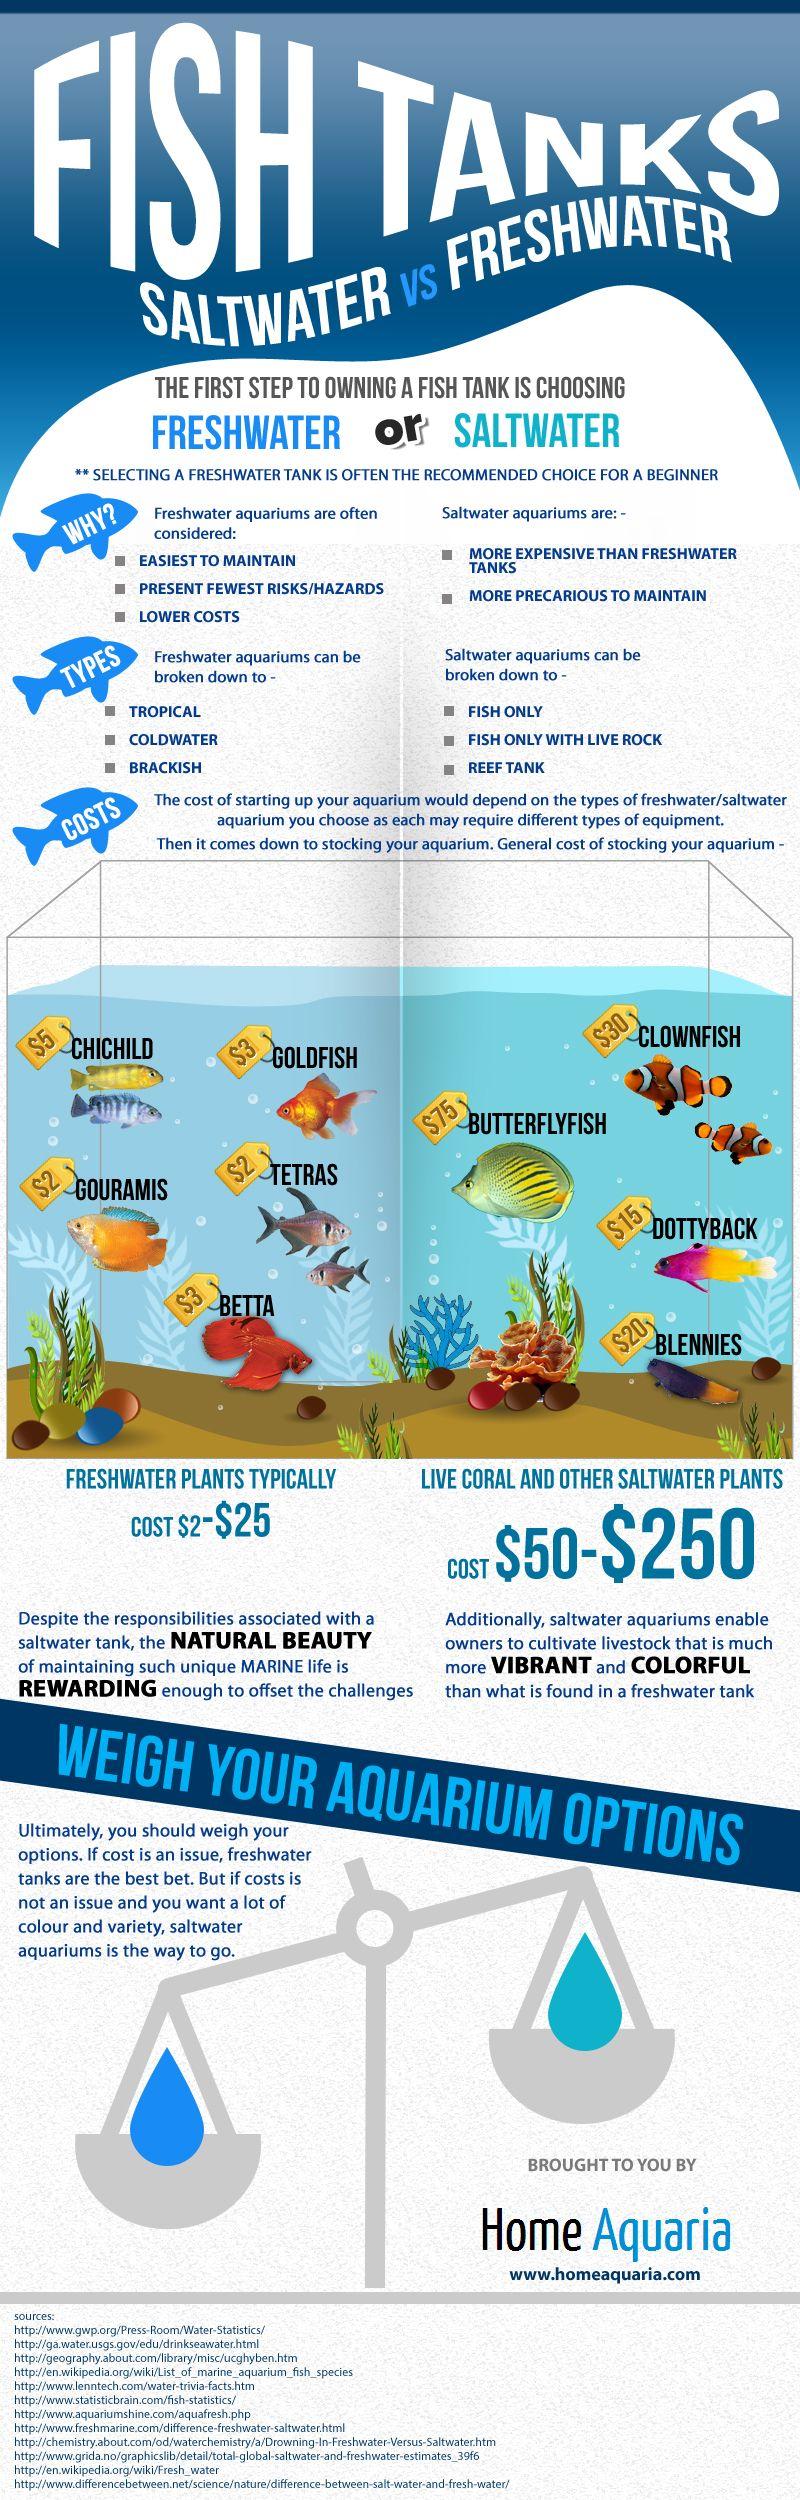 Angler Fish Saltwater Aquarium   Aquarium Fish   Pinterest   Angler Fish, Saltwater  Aquarium And Aquariums